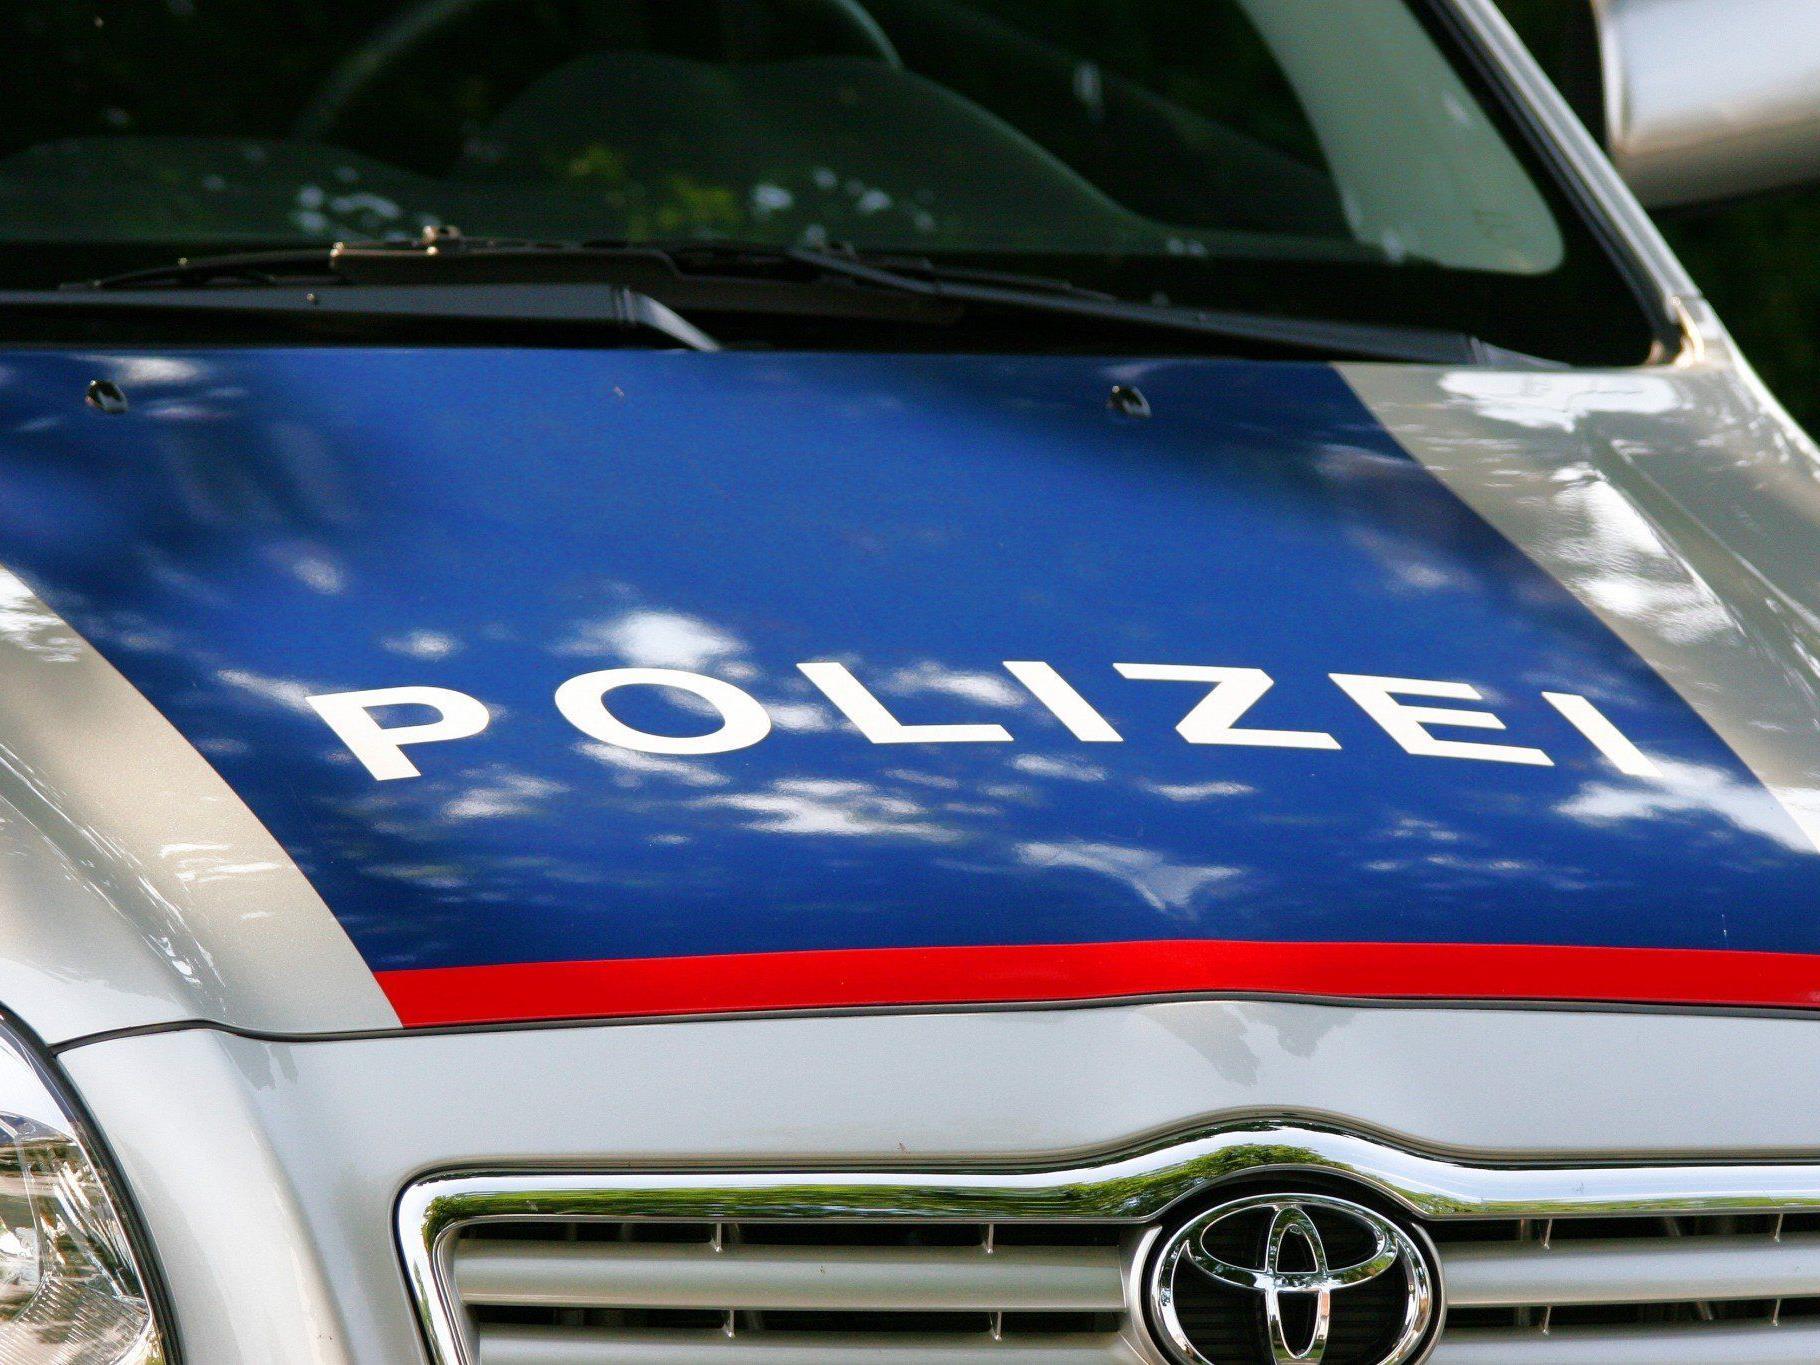 Die Polizei bittet um Hinweise zu einem unbekannten Lenker der einem Landbus die Vorfahrt genommen hat.